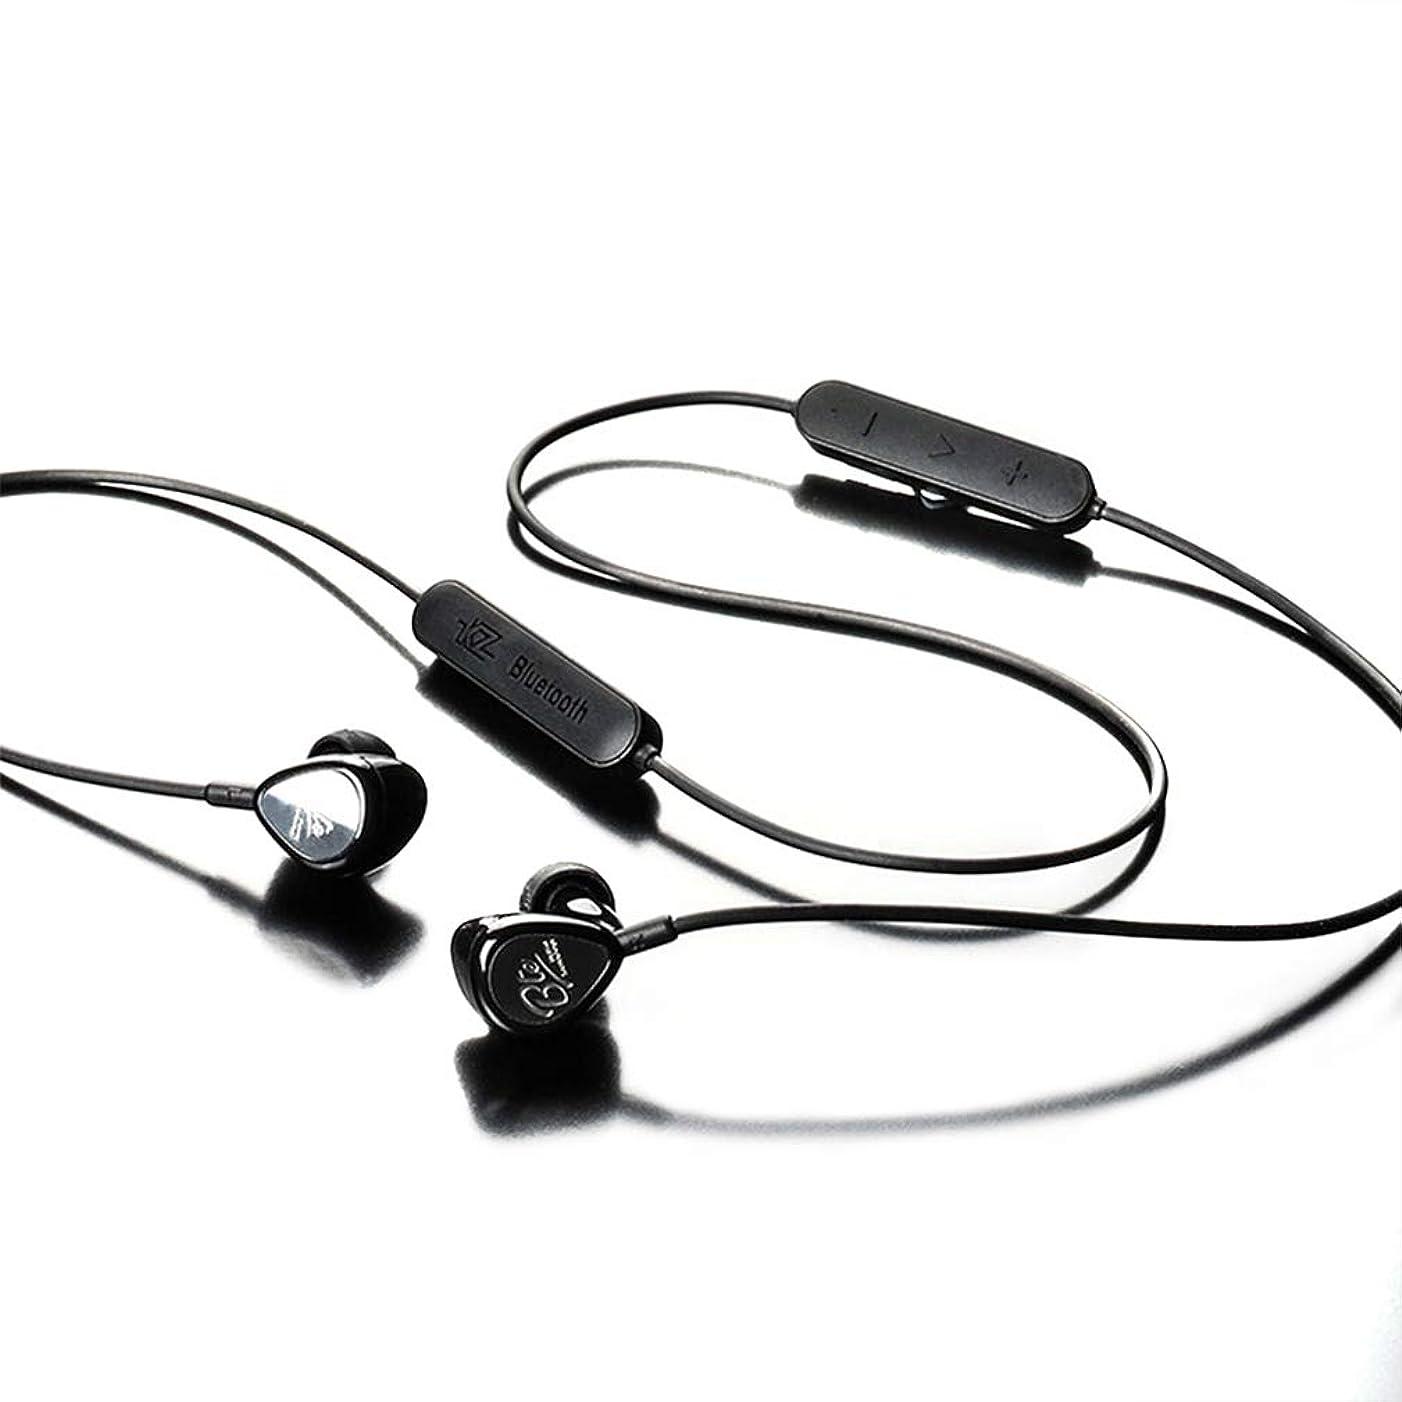 十分な拳算術KZ-BTE ワイヤレス Bluetoothイヤホン 運動 重低音 HIFI 通用式(ブラック)